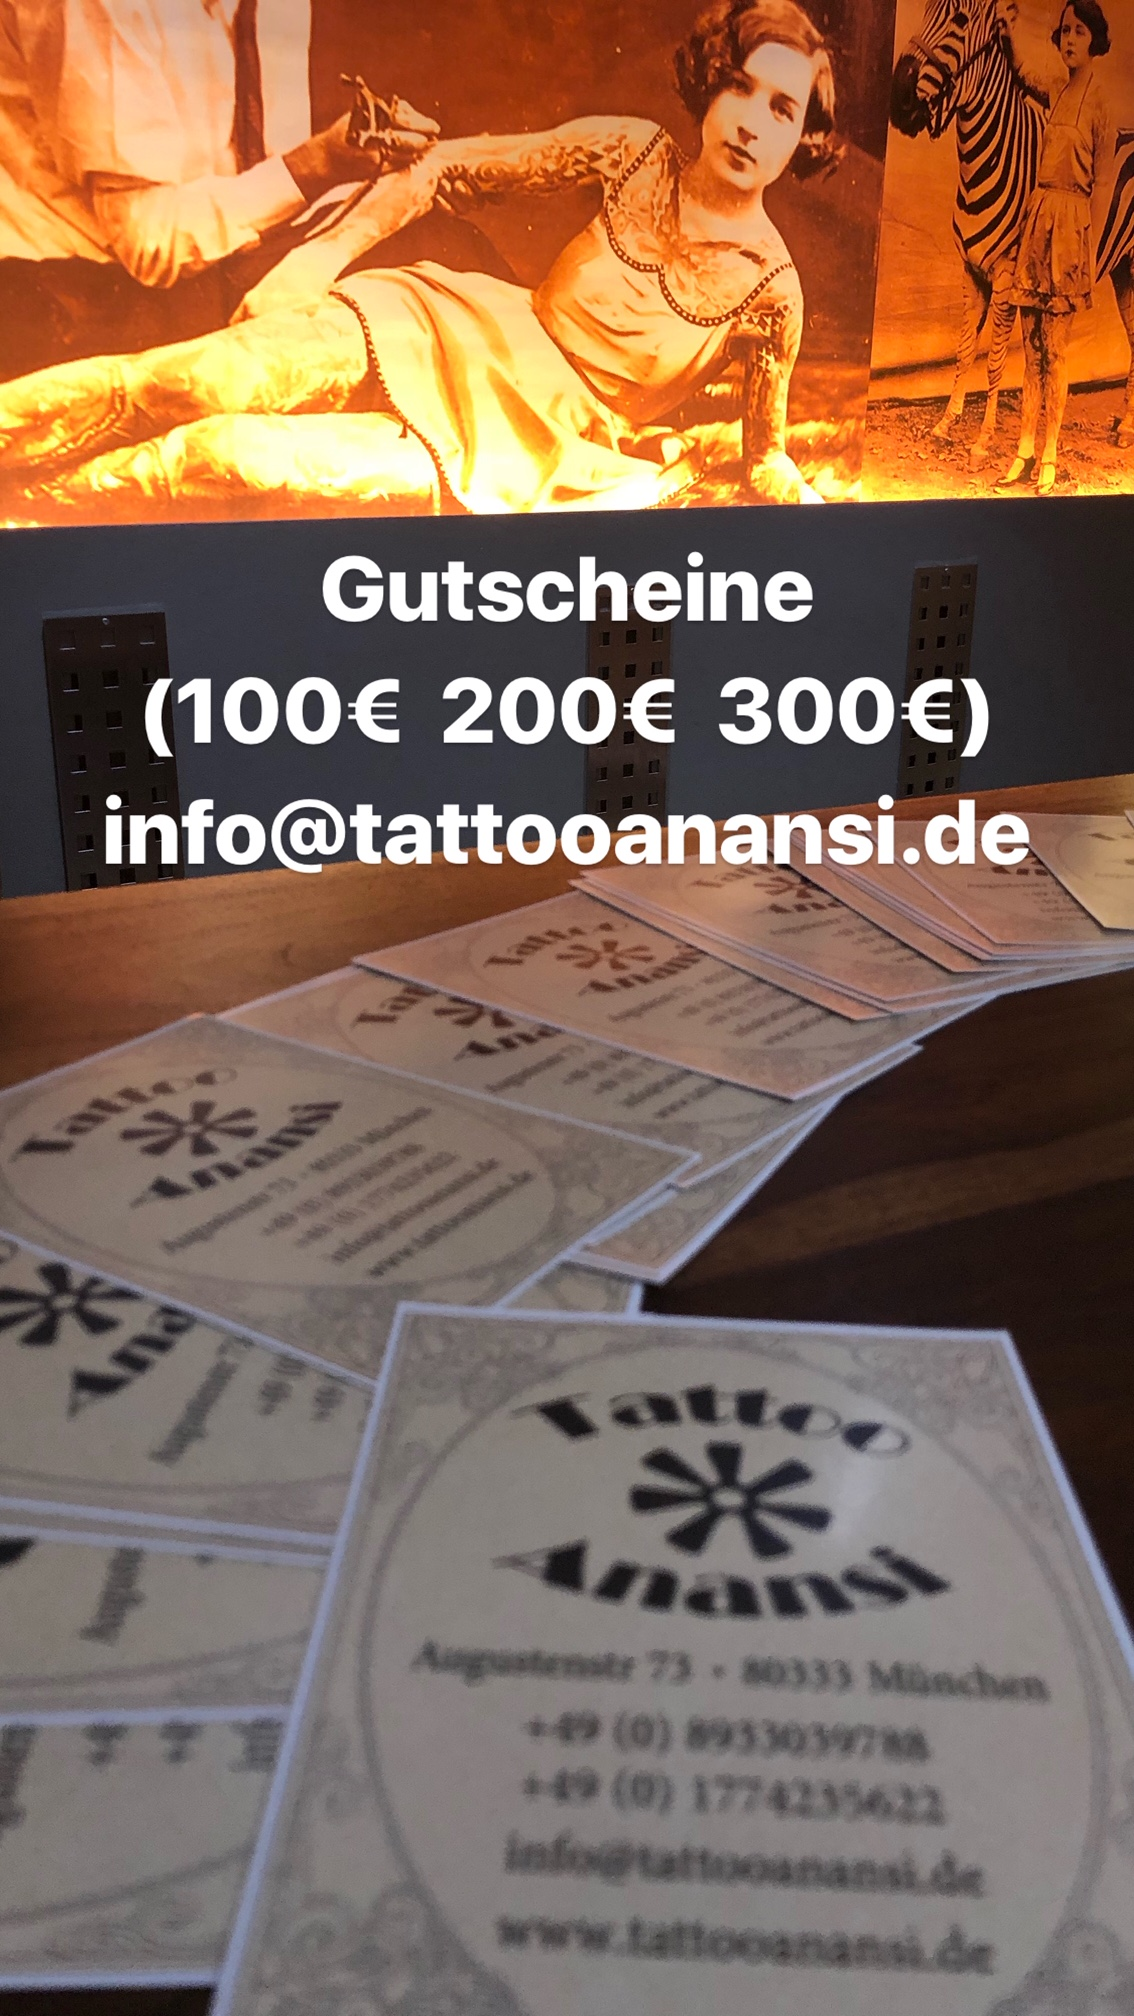 Gutscheine €100 €200 €300 stressfrei via Email bestellen